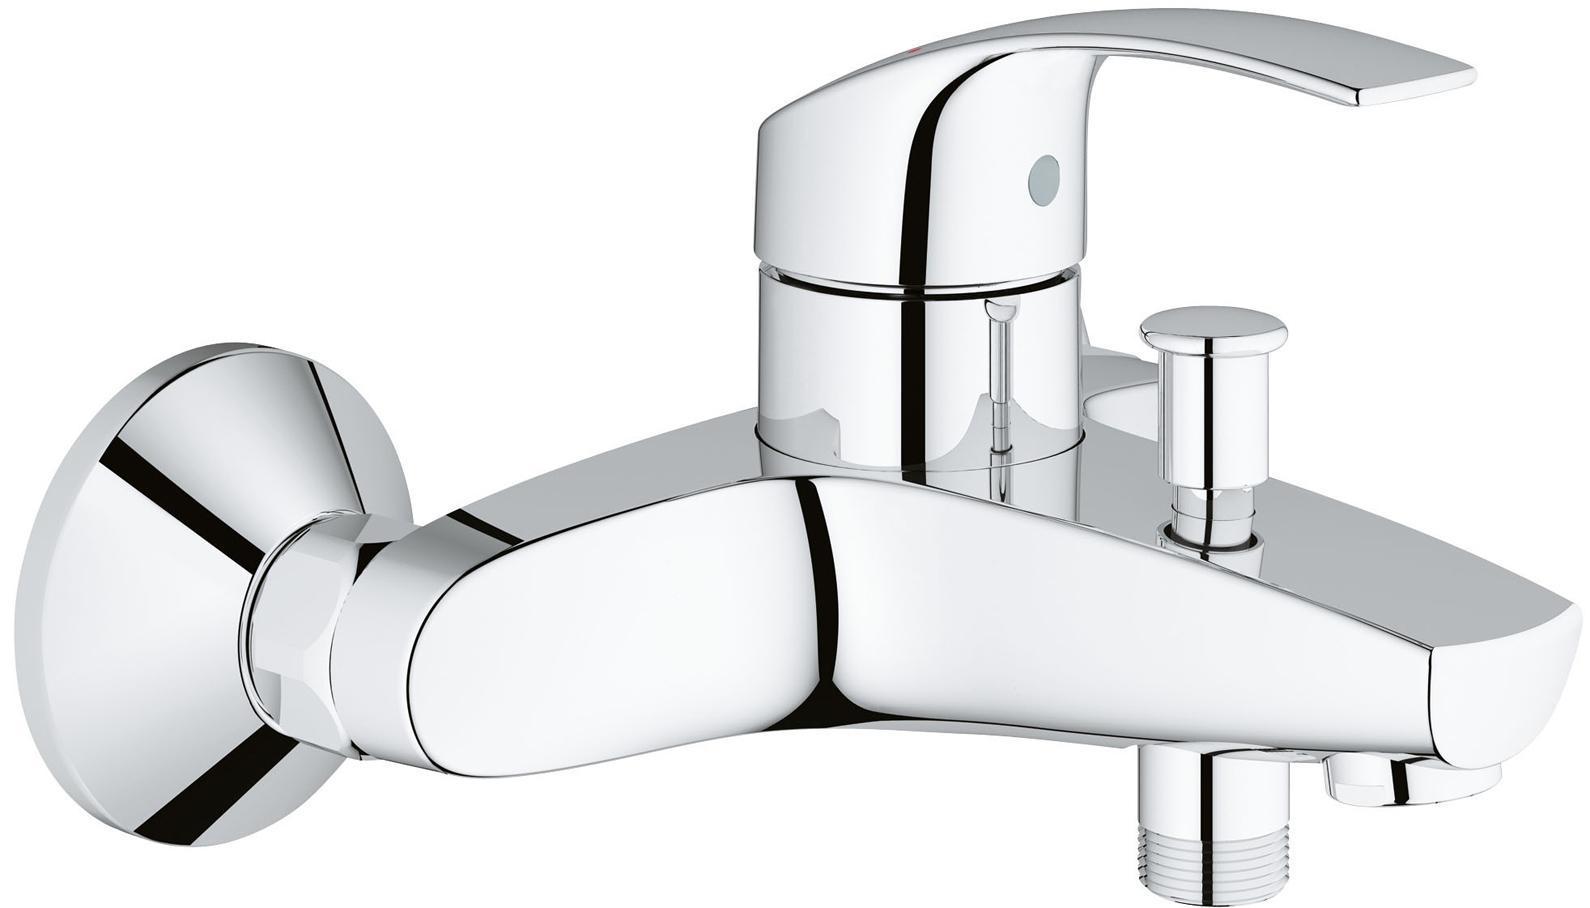 Смеситель для ванны GROHE Eurosmart New, хром33300002GROHE Eurosmart: смеситель для ванны, с которым купание будет приносить удовольствие Этот смеситель для ванны оснащен автоматическим переключателем «ванна-душ», а также встроенным ограничителем температуры, предотвращающим ошпаривание. Технология GROHE SilkMove обеспечивает плавность и легкость регулировки температуры и напора воды, позволяя Вам наслаждаться полным расслаблением при принятии душа. Благодаря долговечному хромированному покрытию GROHE StarLight, этот смеситель из коллекции Eurosmart станет эффектным дополнением к оснащению Вашей ванной комнаты и будет радовать Вас неприхотливостью в уходе. Особенности: Настенный монтаж Металлический рычаг GROHE SilkMove керамический картридж 35 мм С ограничителем температуры Регулировка расхода воды GROHE StarLight хромированная поверхность Автоматический переключатель: ванна/душ Встроенный обратный клапан в душевом отводе 1/2? Аэратор Скрытые S-образные эксцентрики Отражатели...